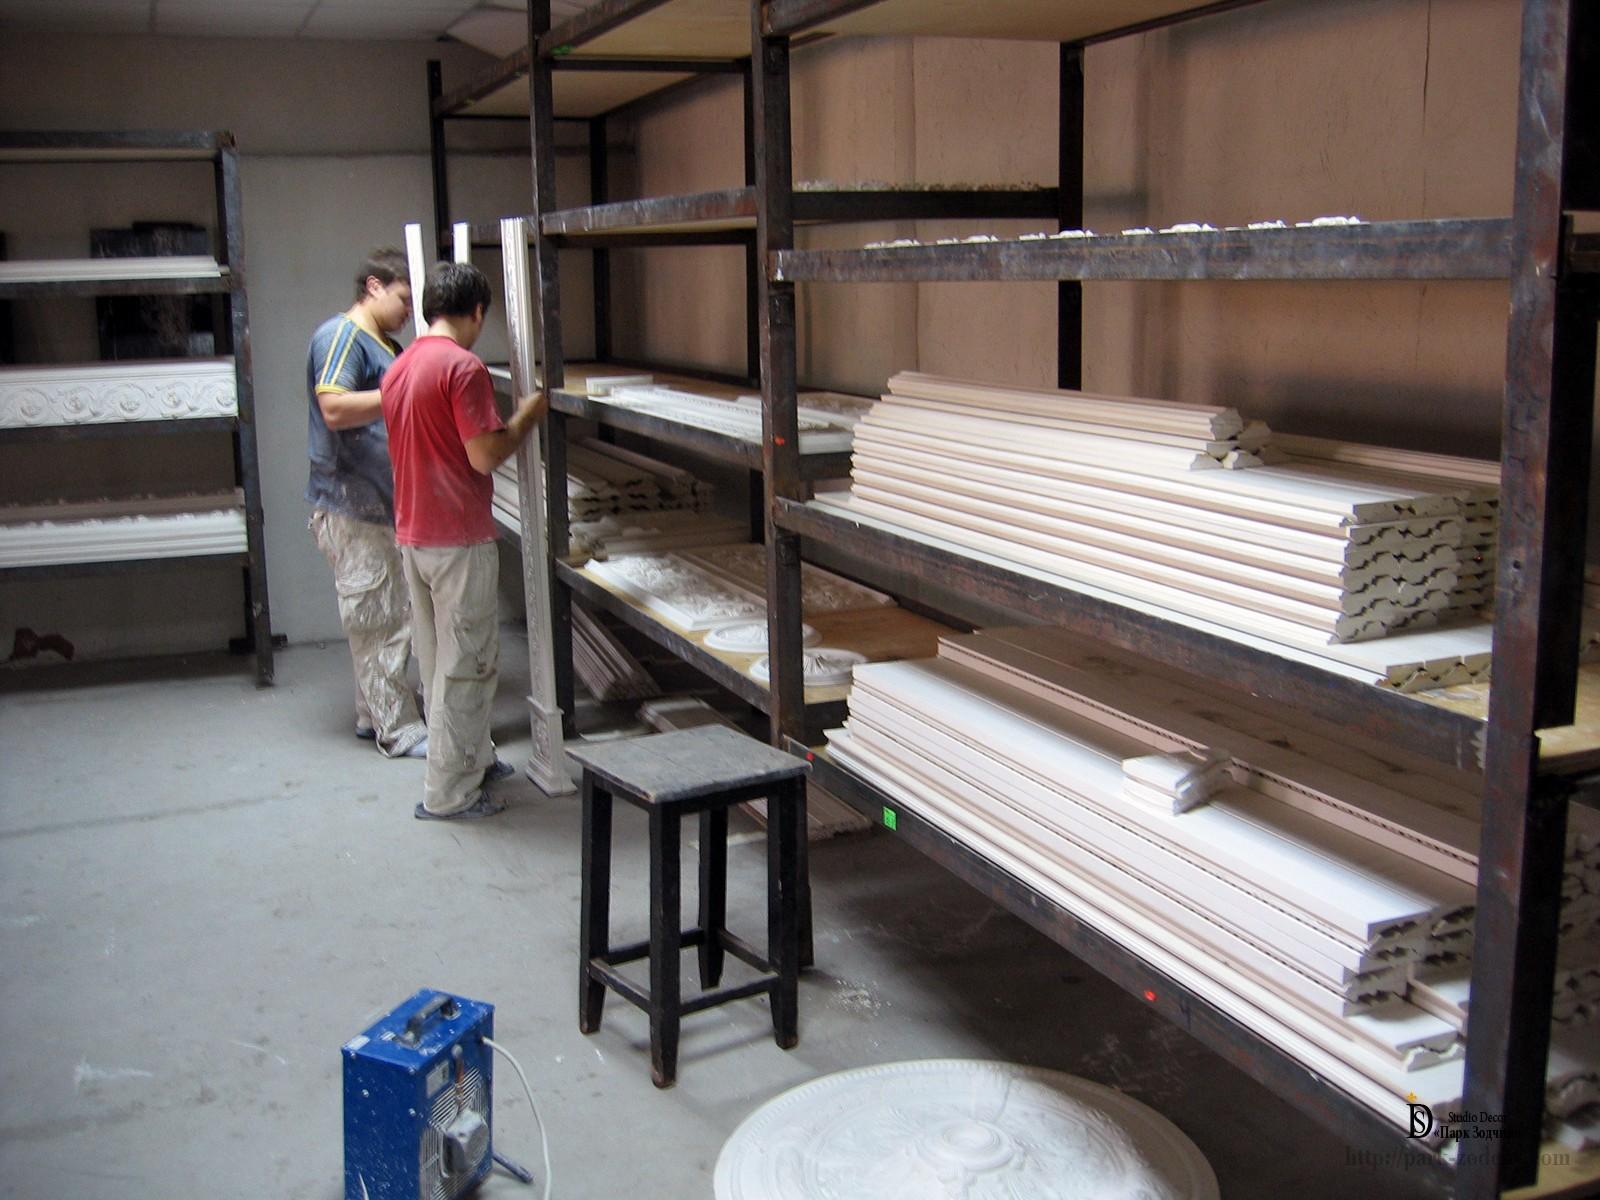 modeling of plaster rosettes